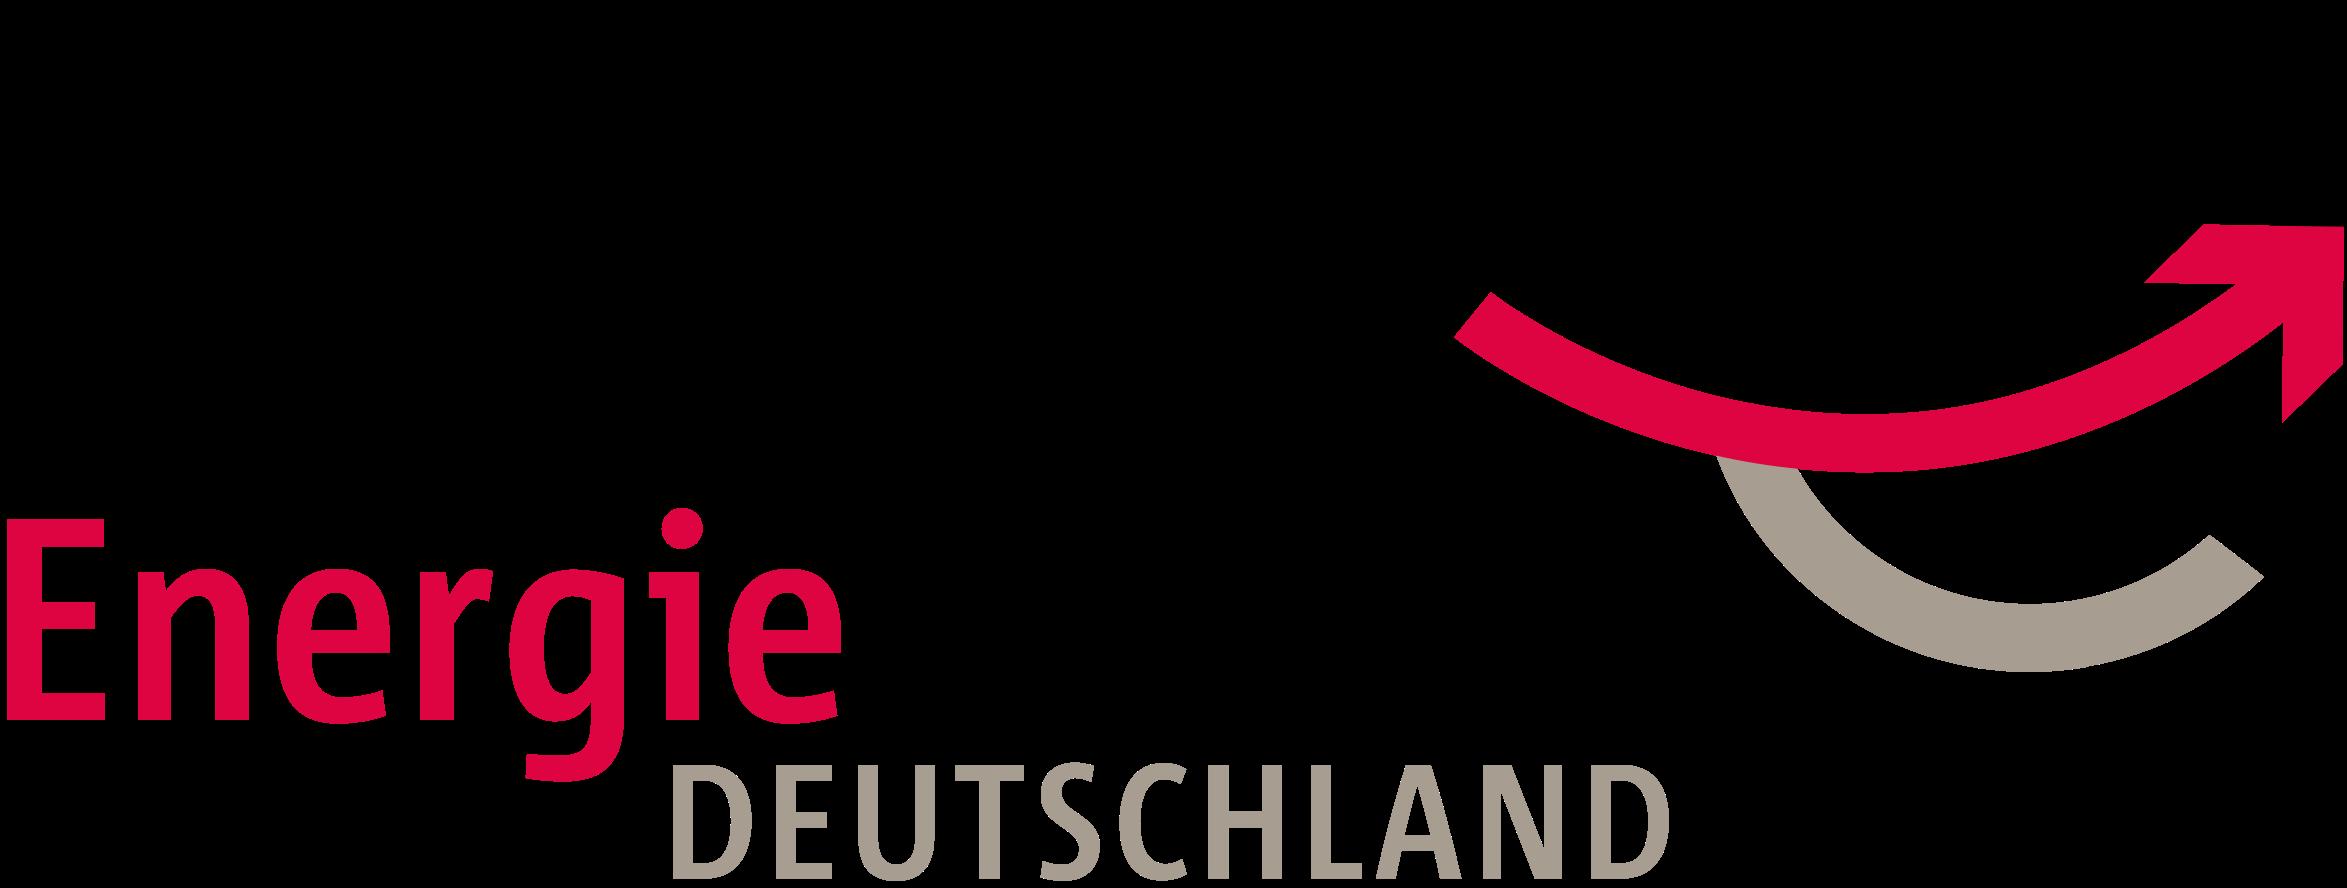 Servicemitarbeiter (w/m/d) - Job Offenburg, Homeoffice - Bewerbungsformular